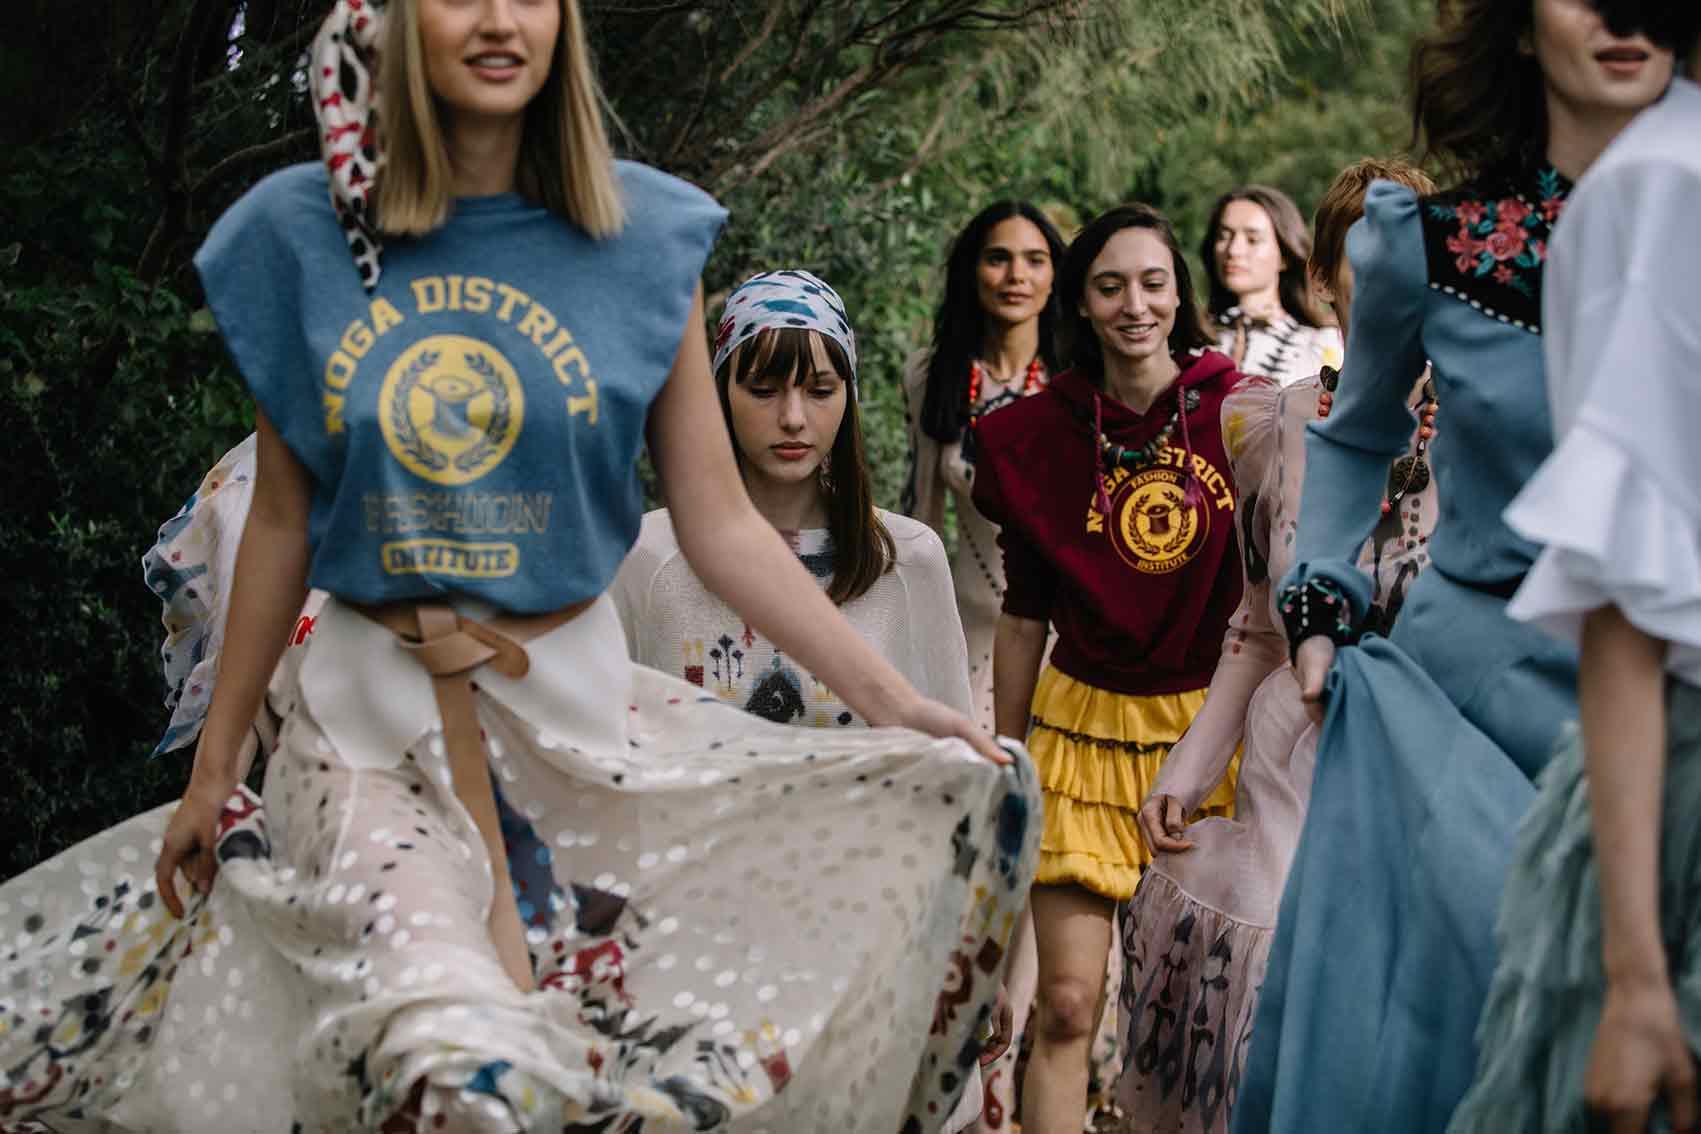 """אופנה-ויוי בלאיש, קולקציית Sign Of The Times בשבוע האופנה קורנית ת""""א. צילום: אורית פניני"""